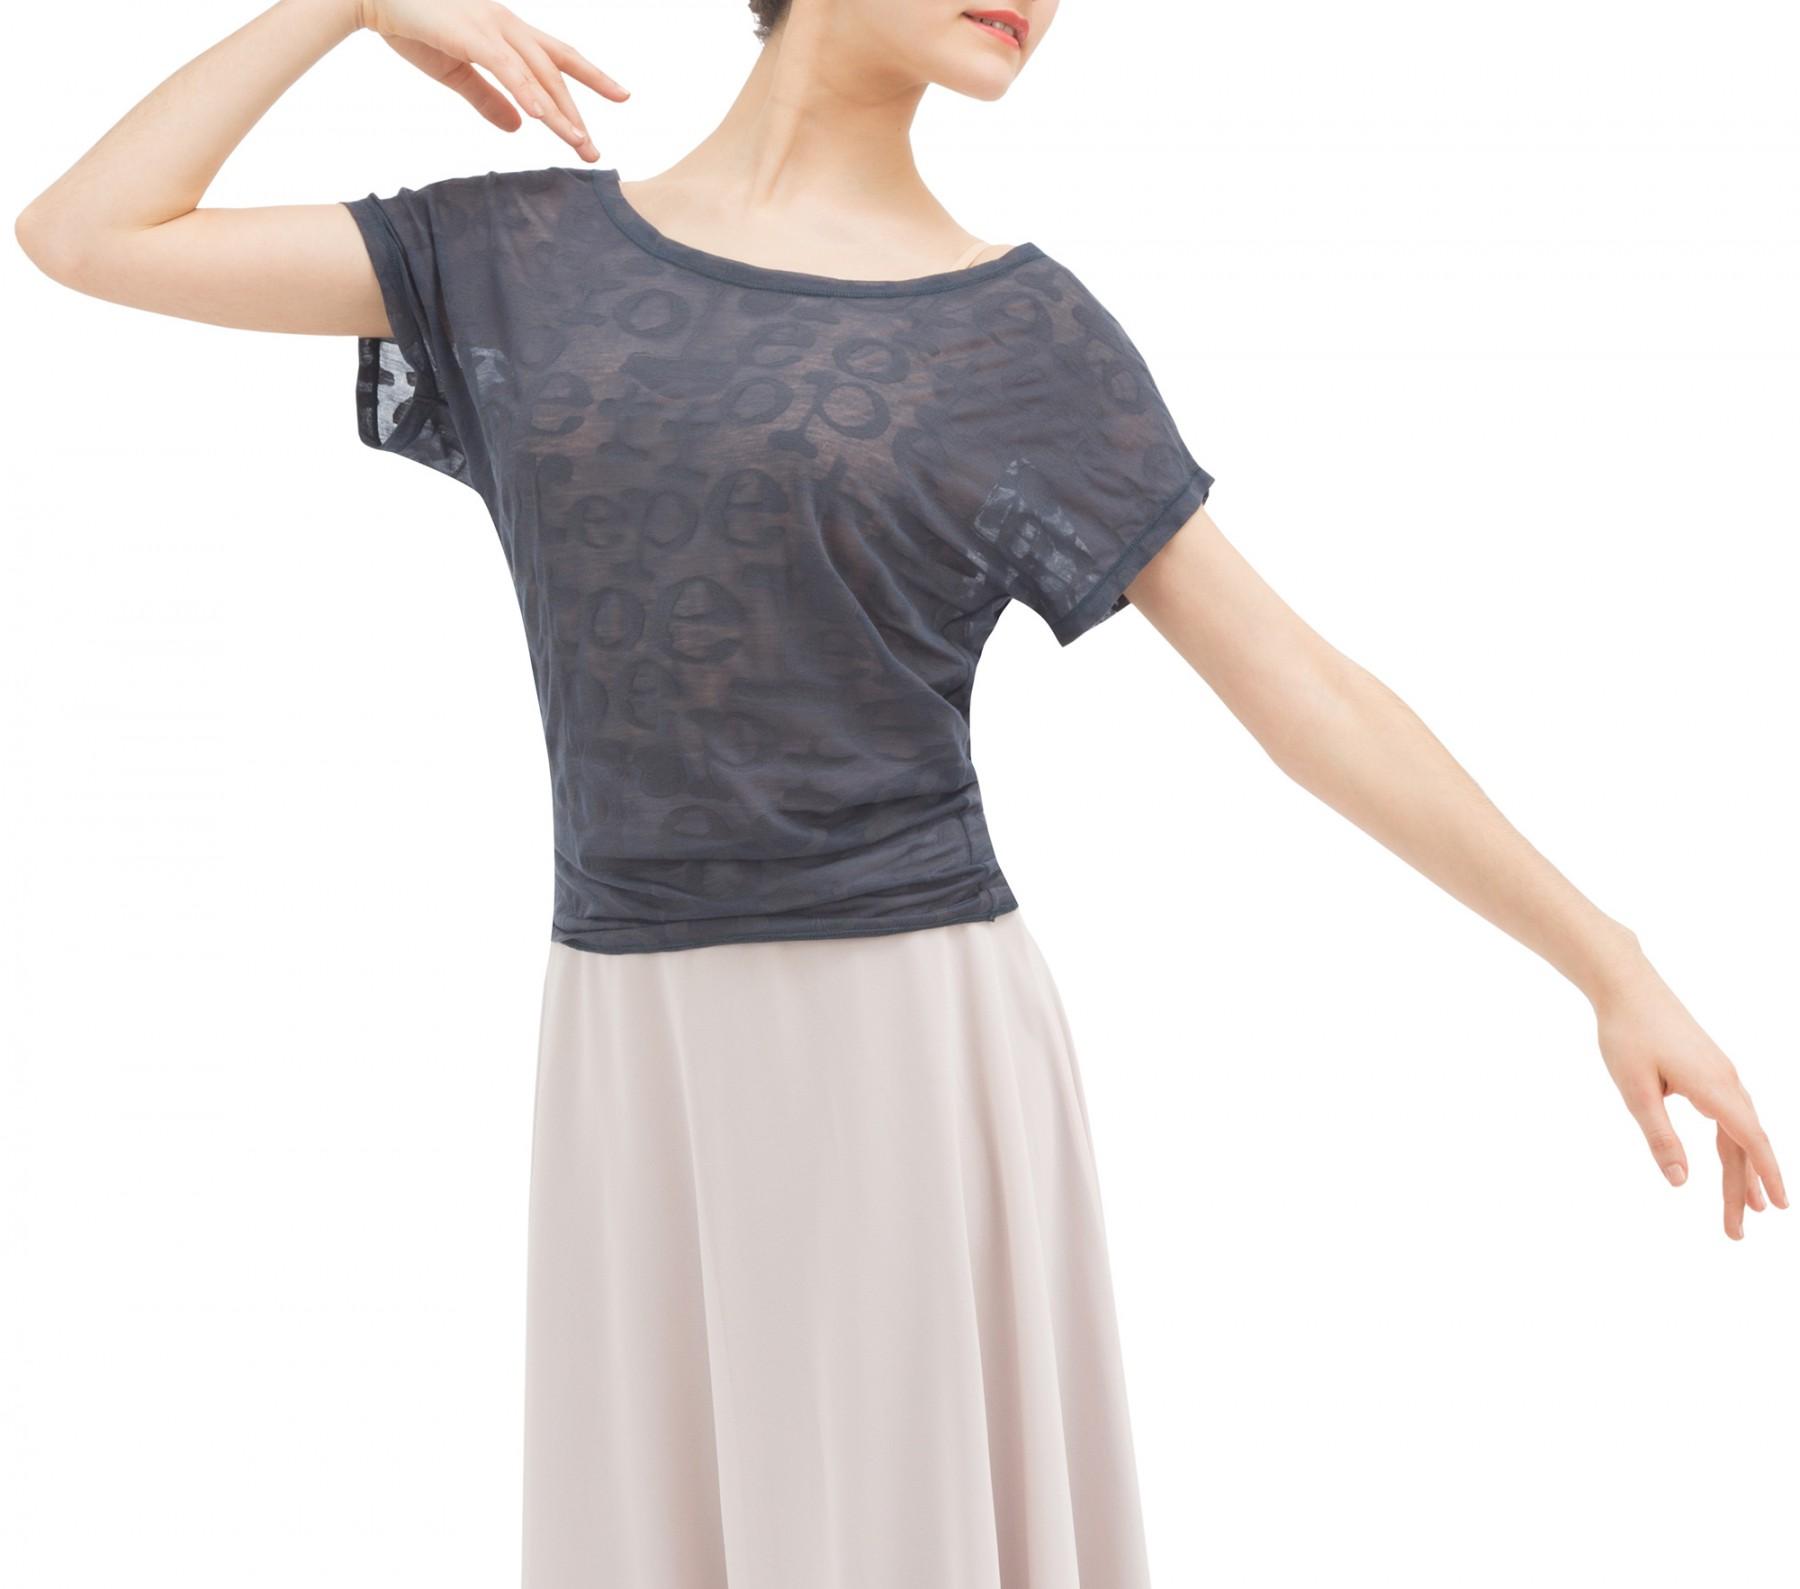 Transparent Repetto T-shirt